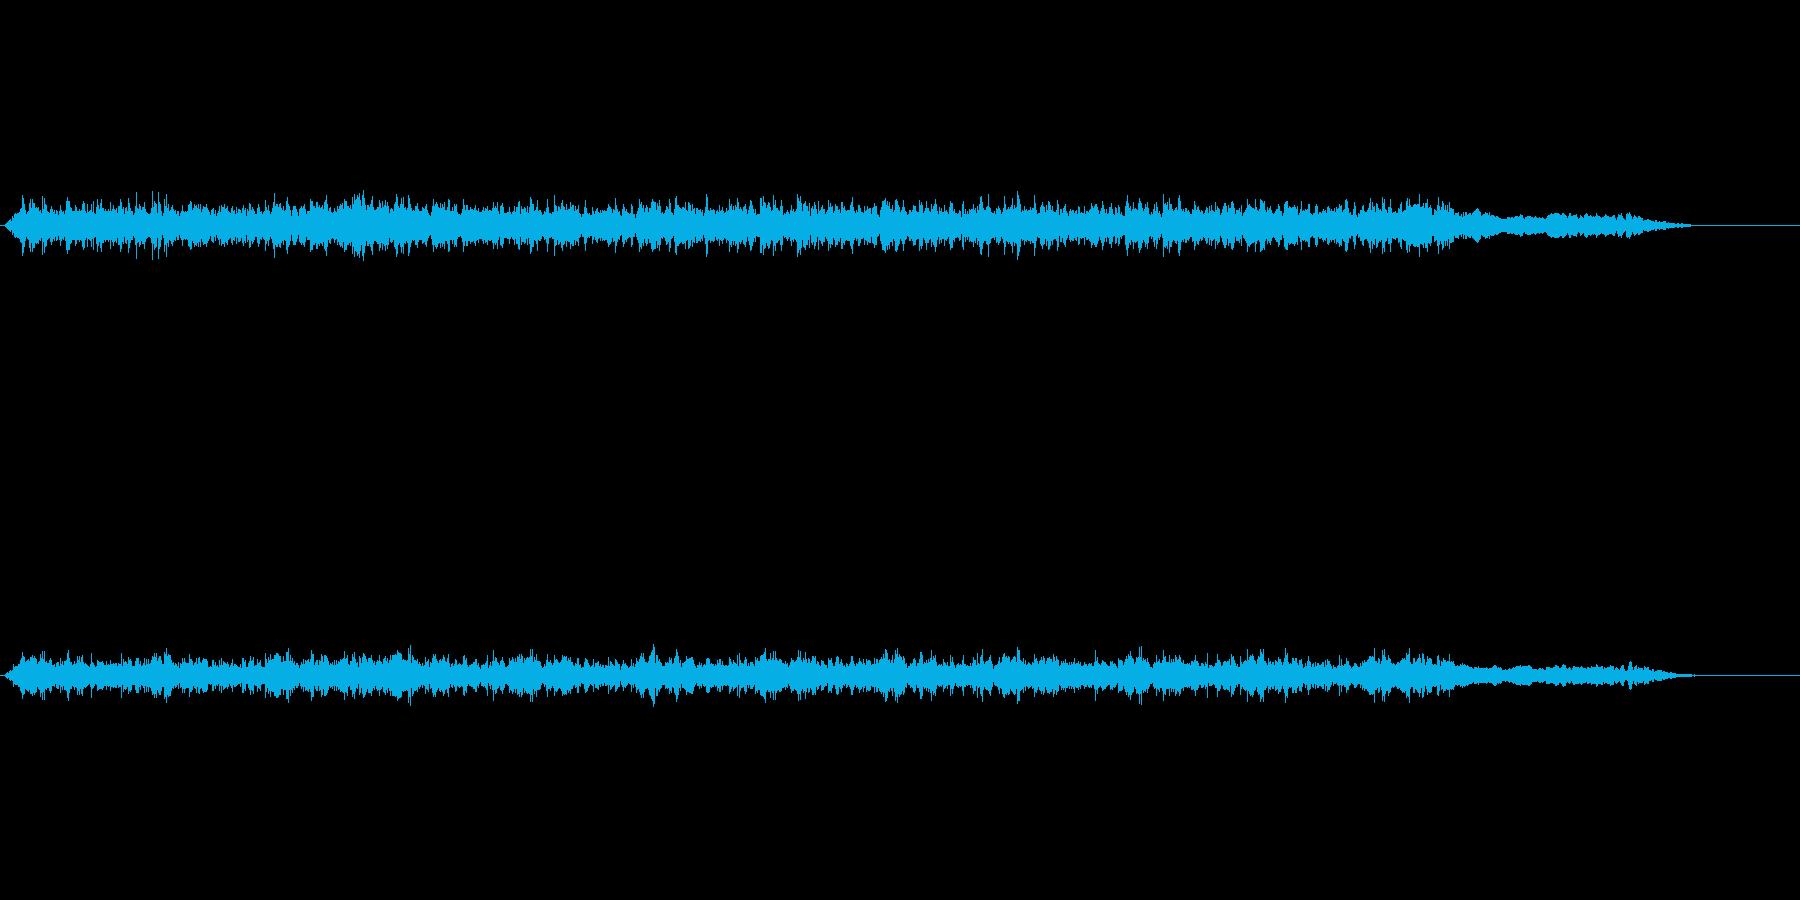 音楽;厚い壁を通して男性のボーカル...の再生済みの波形